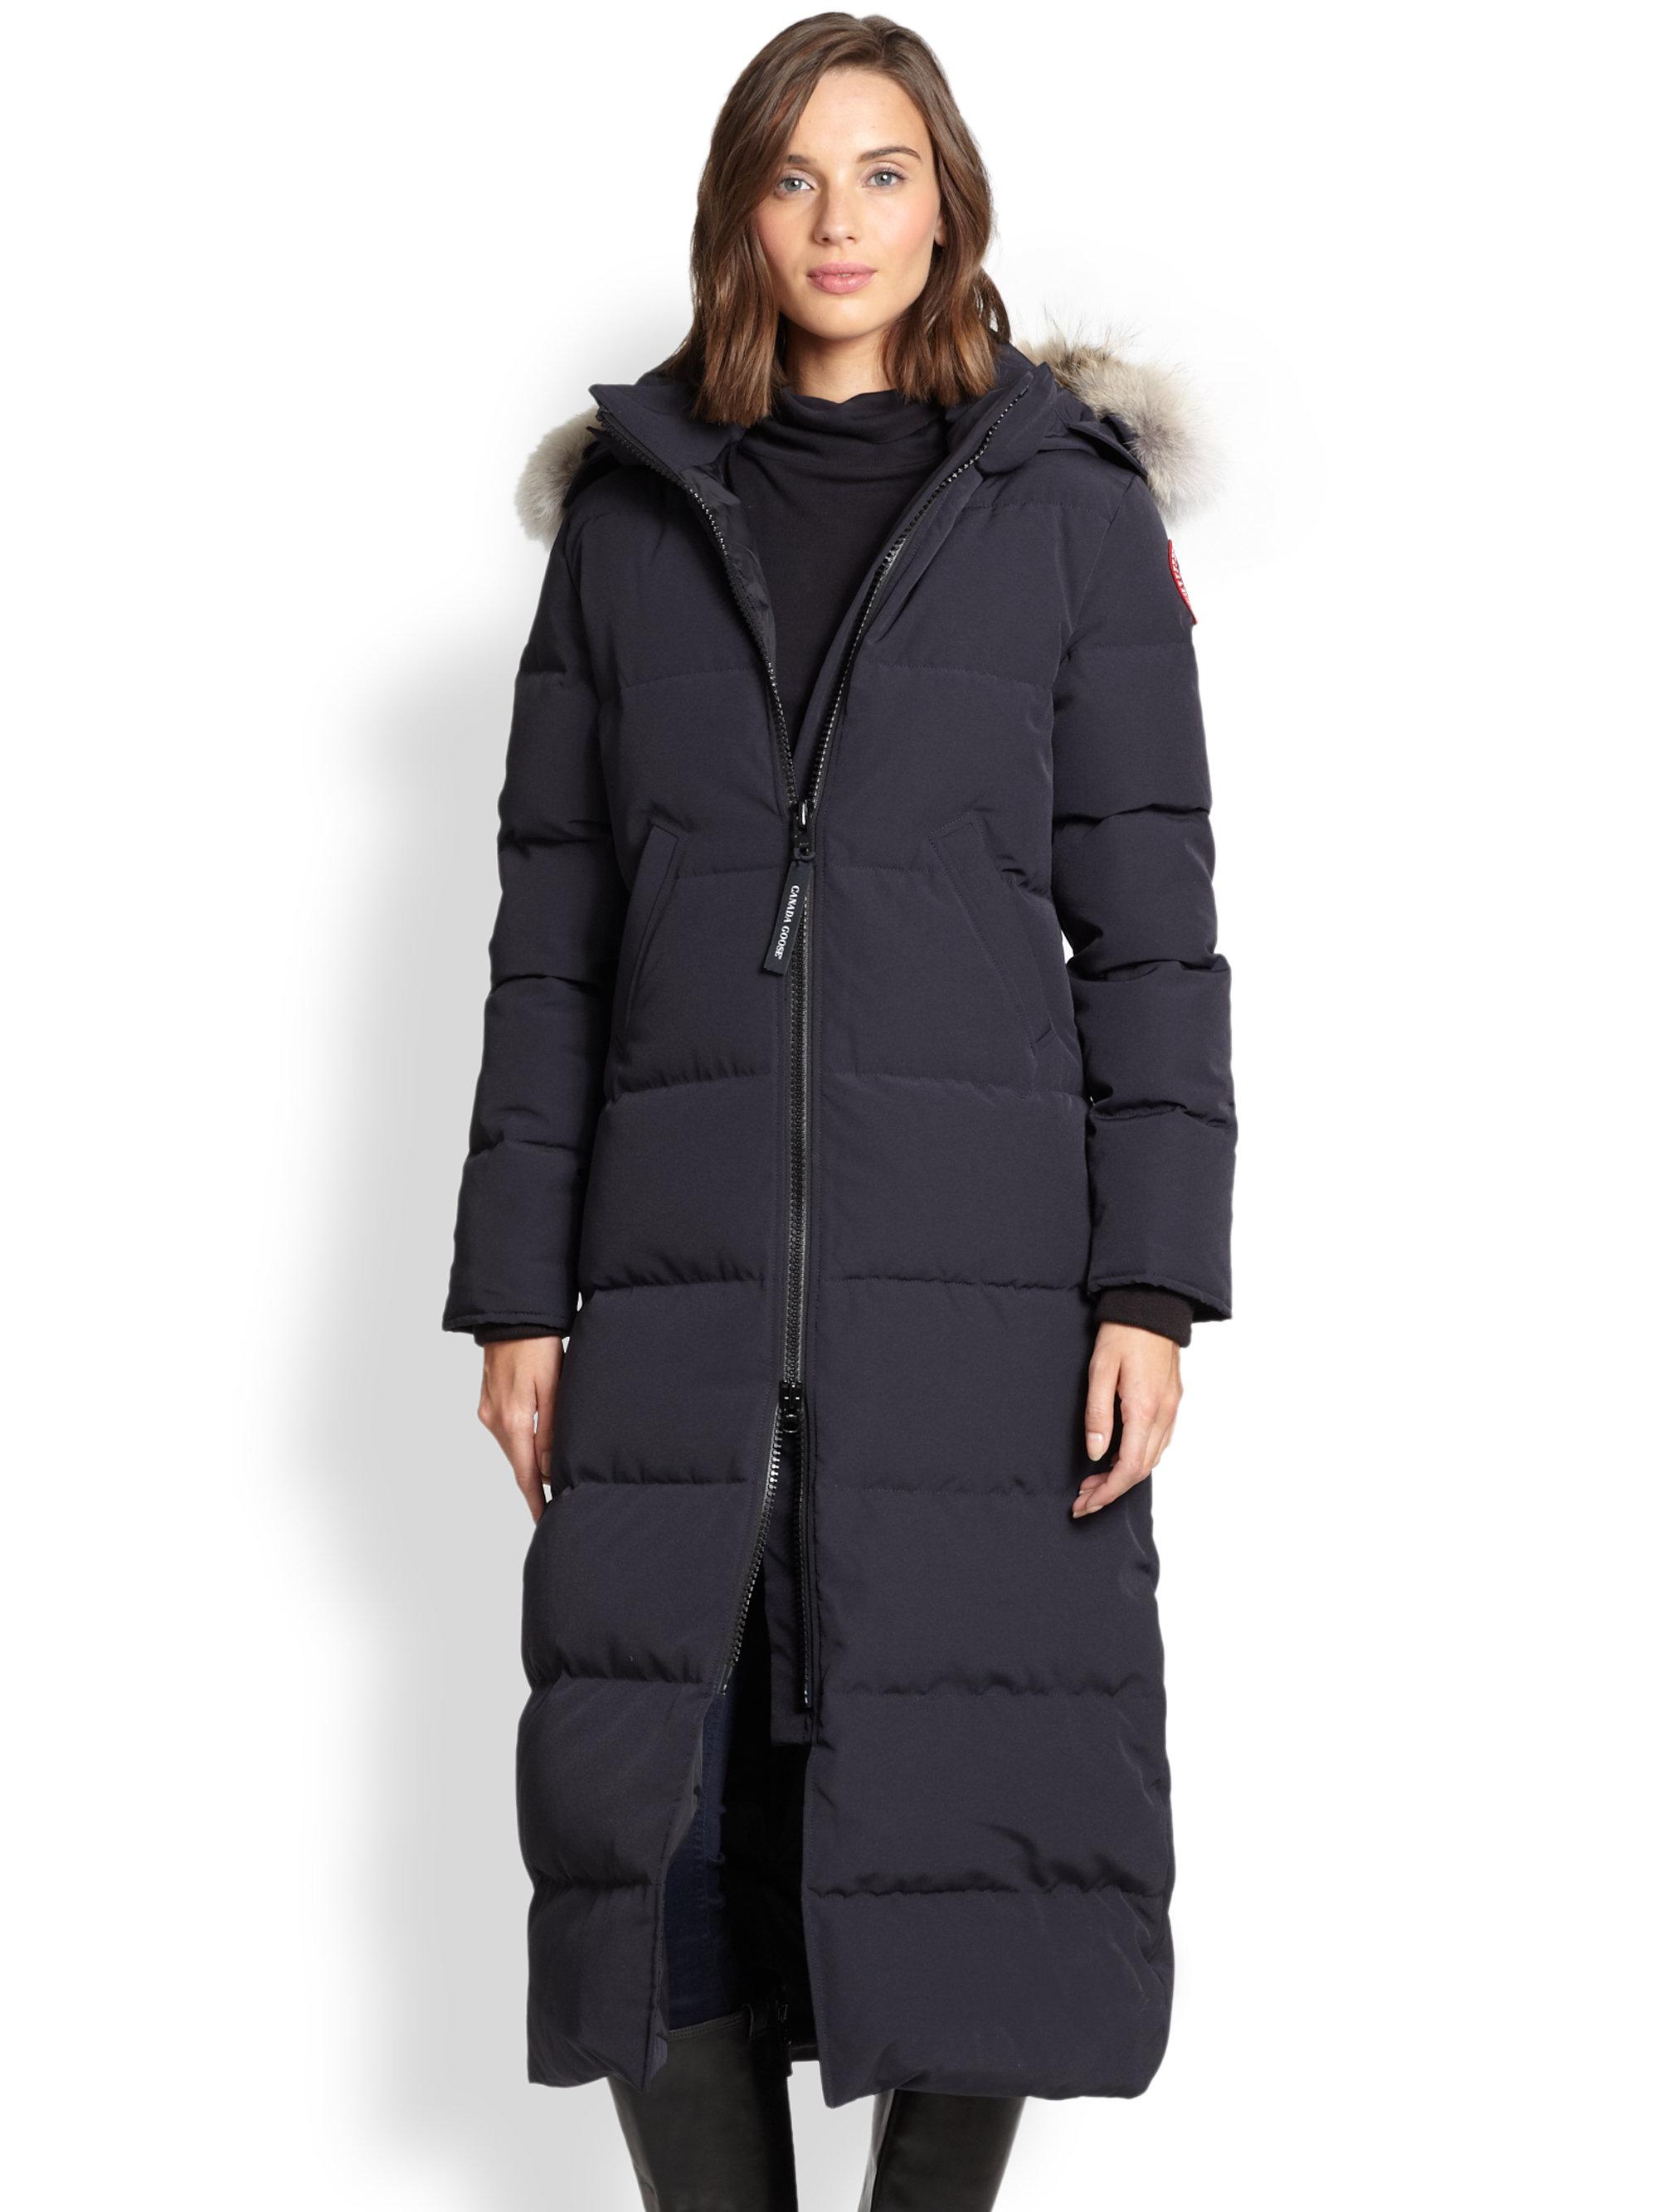 Mystique Parka   Christmas   Canada goose parka, Maxi coat